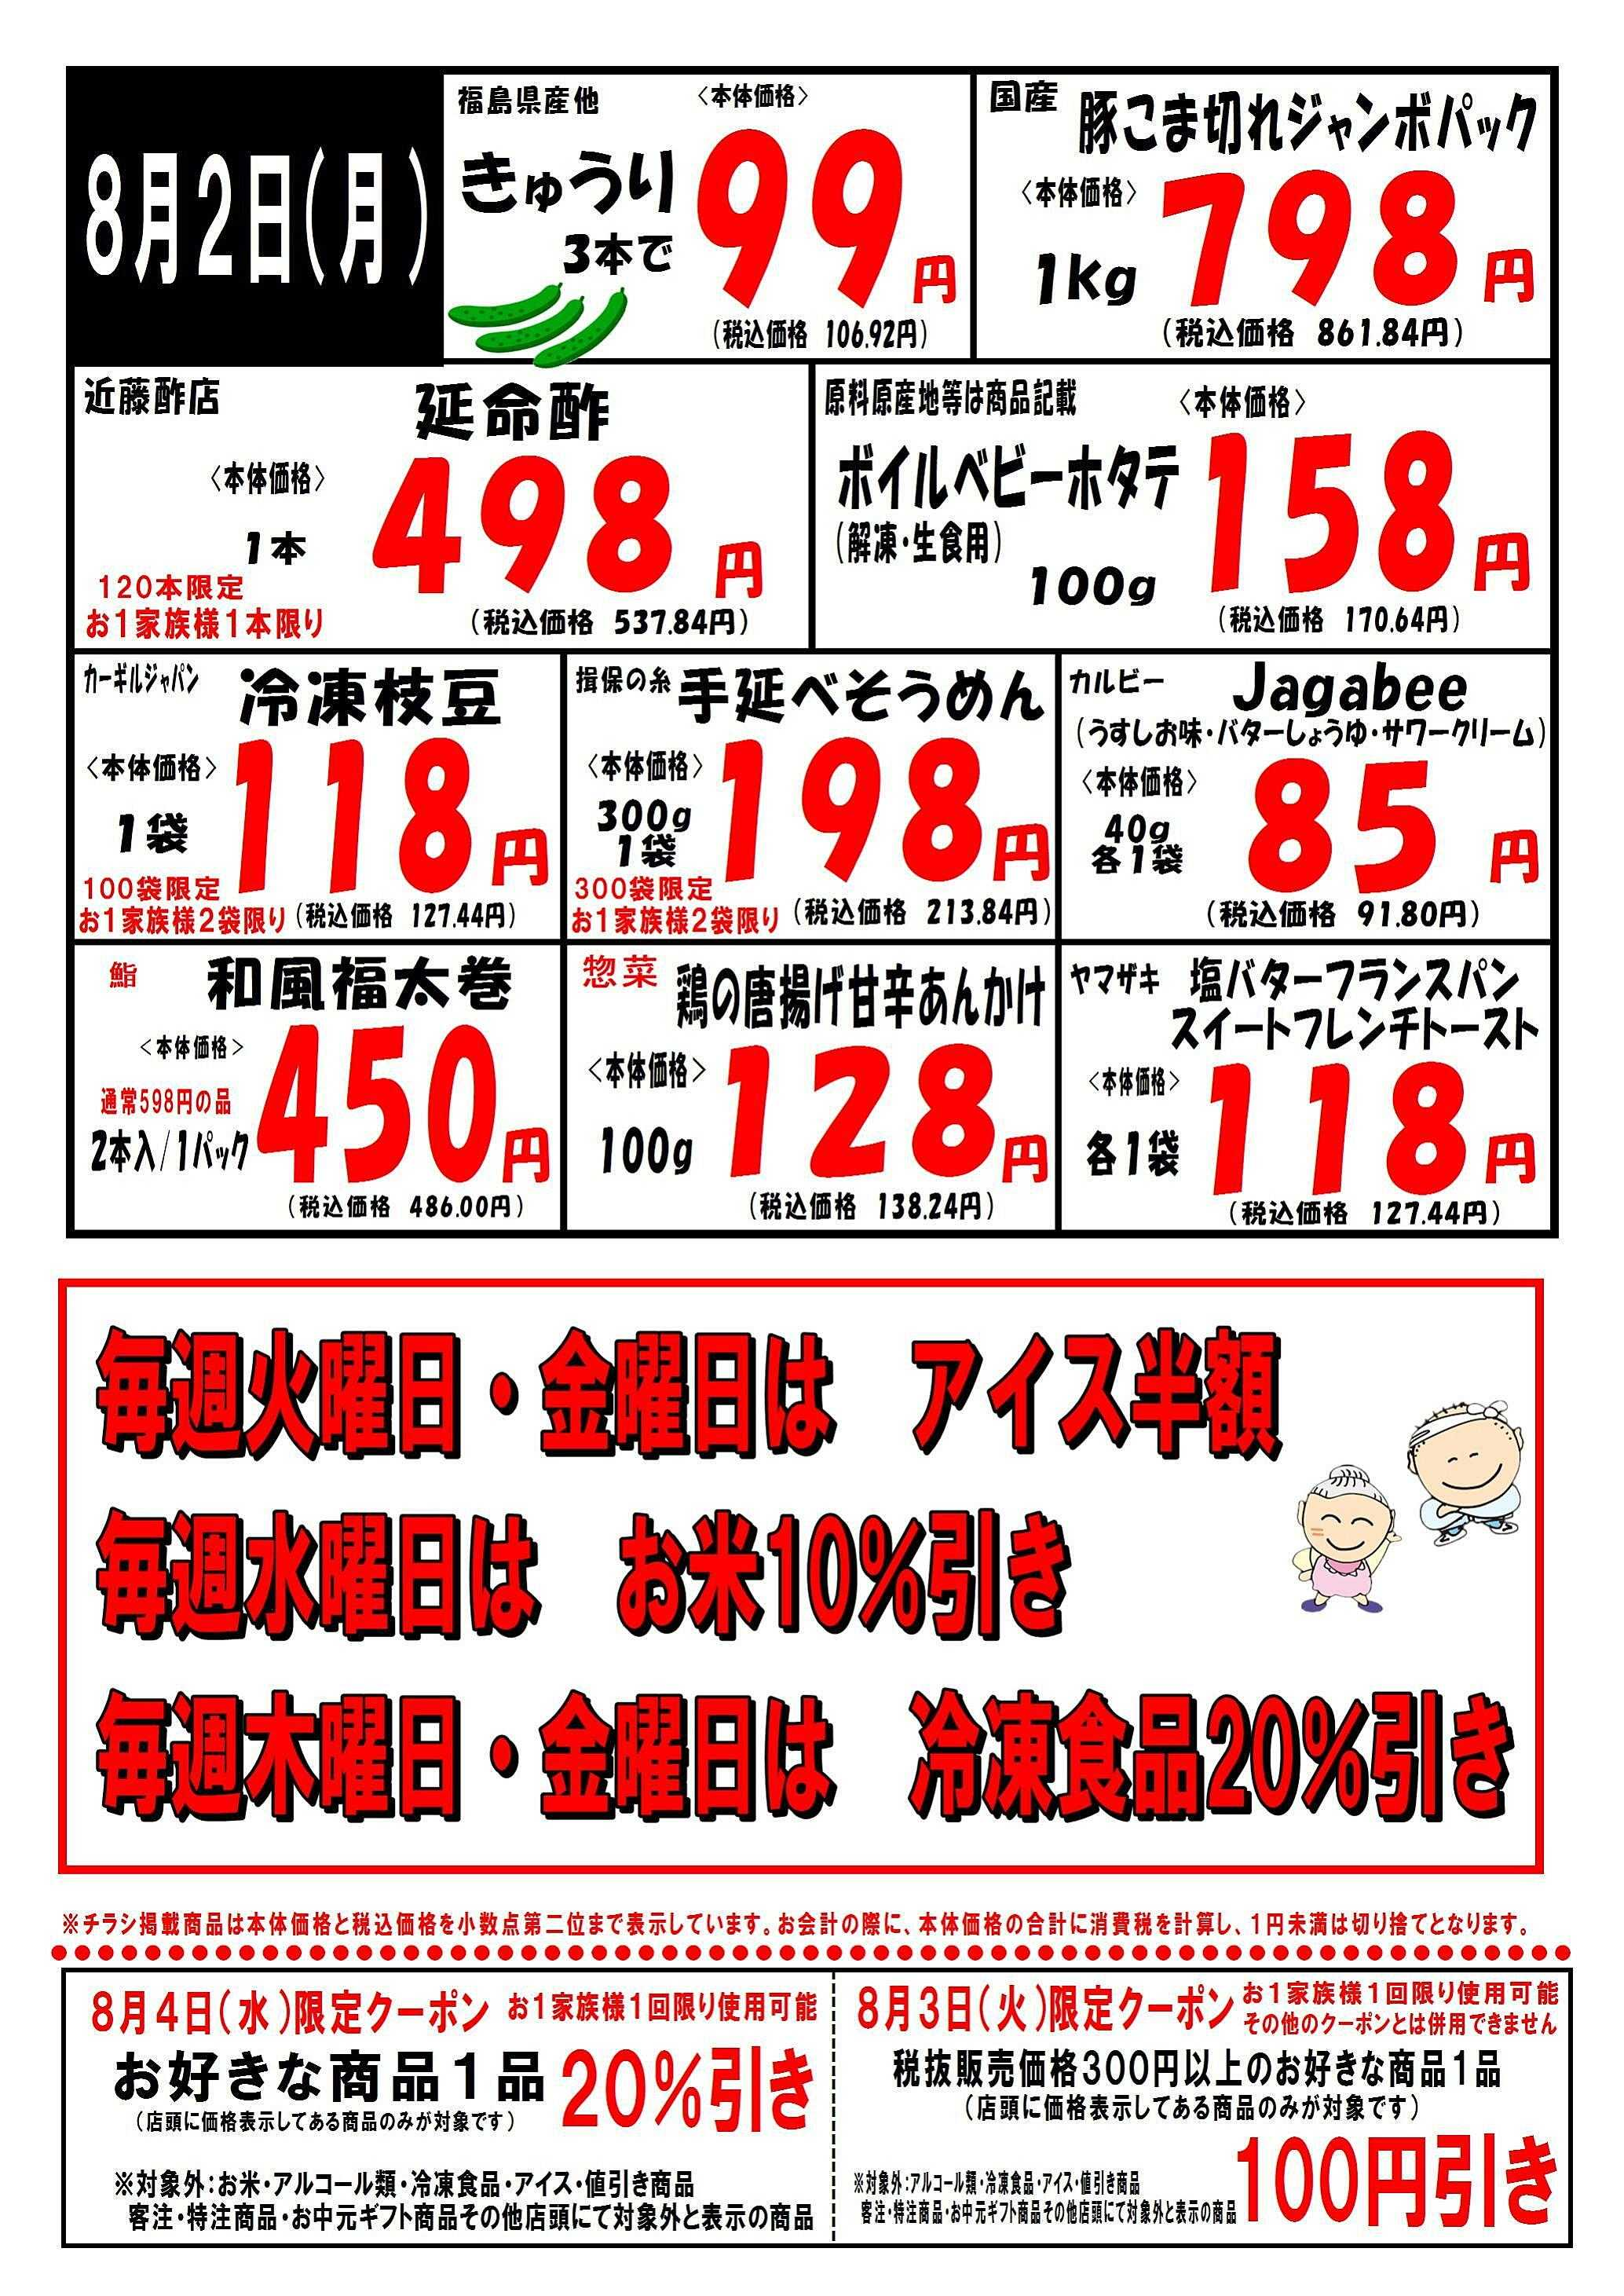 フードマーケット マム 柿田川みんなで応援!家族団らんフェアうら